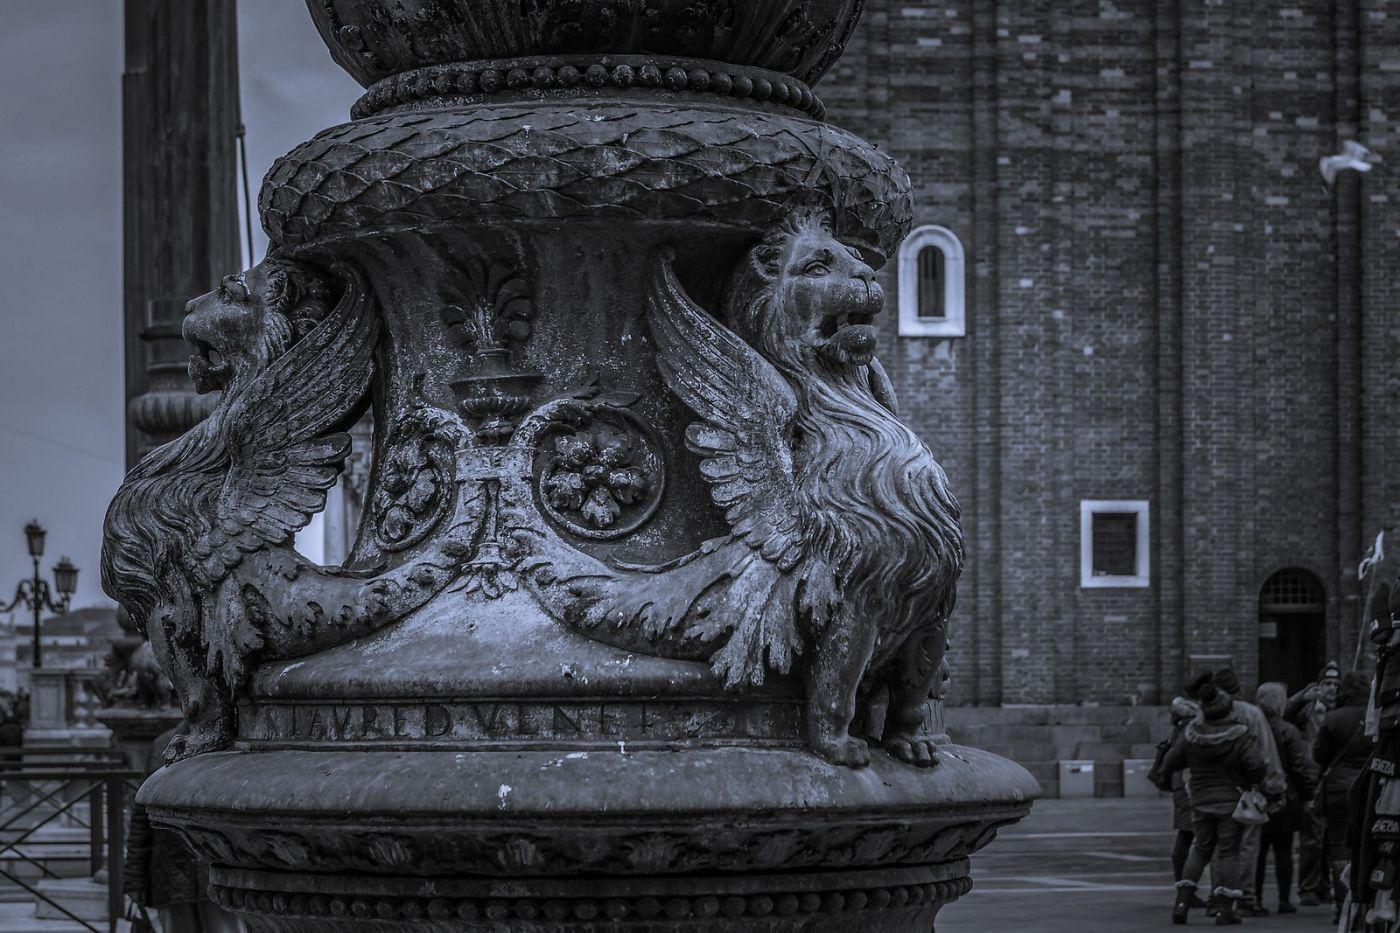 威尼斯圣马可广场(St Mark's Square), 独一无二_图1-2